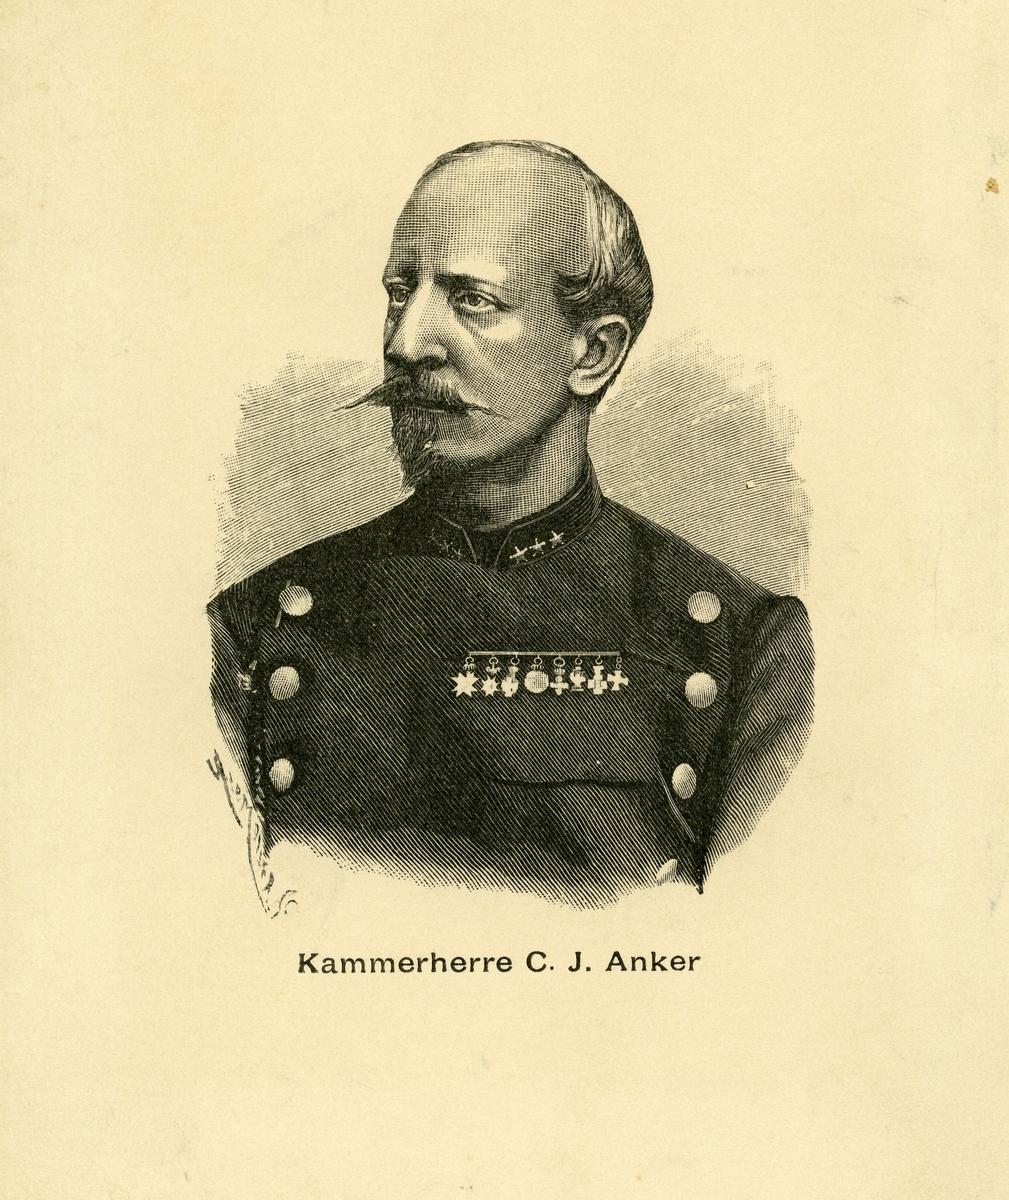 Tegnet portrett av en mann i uniform.